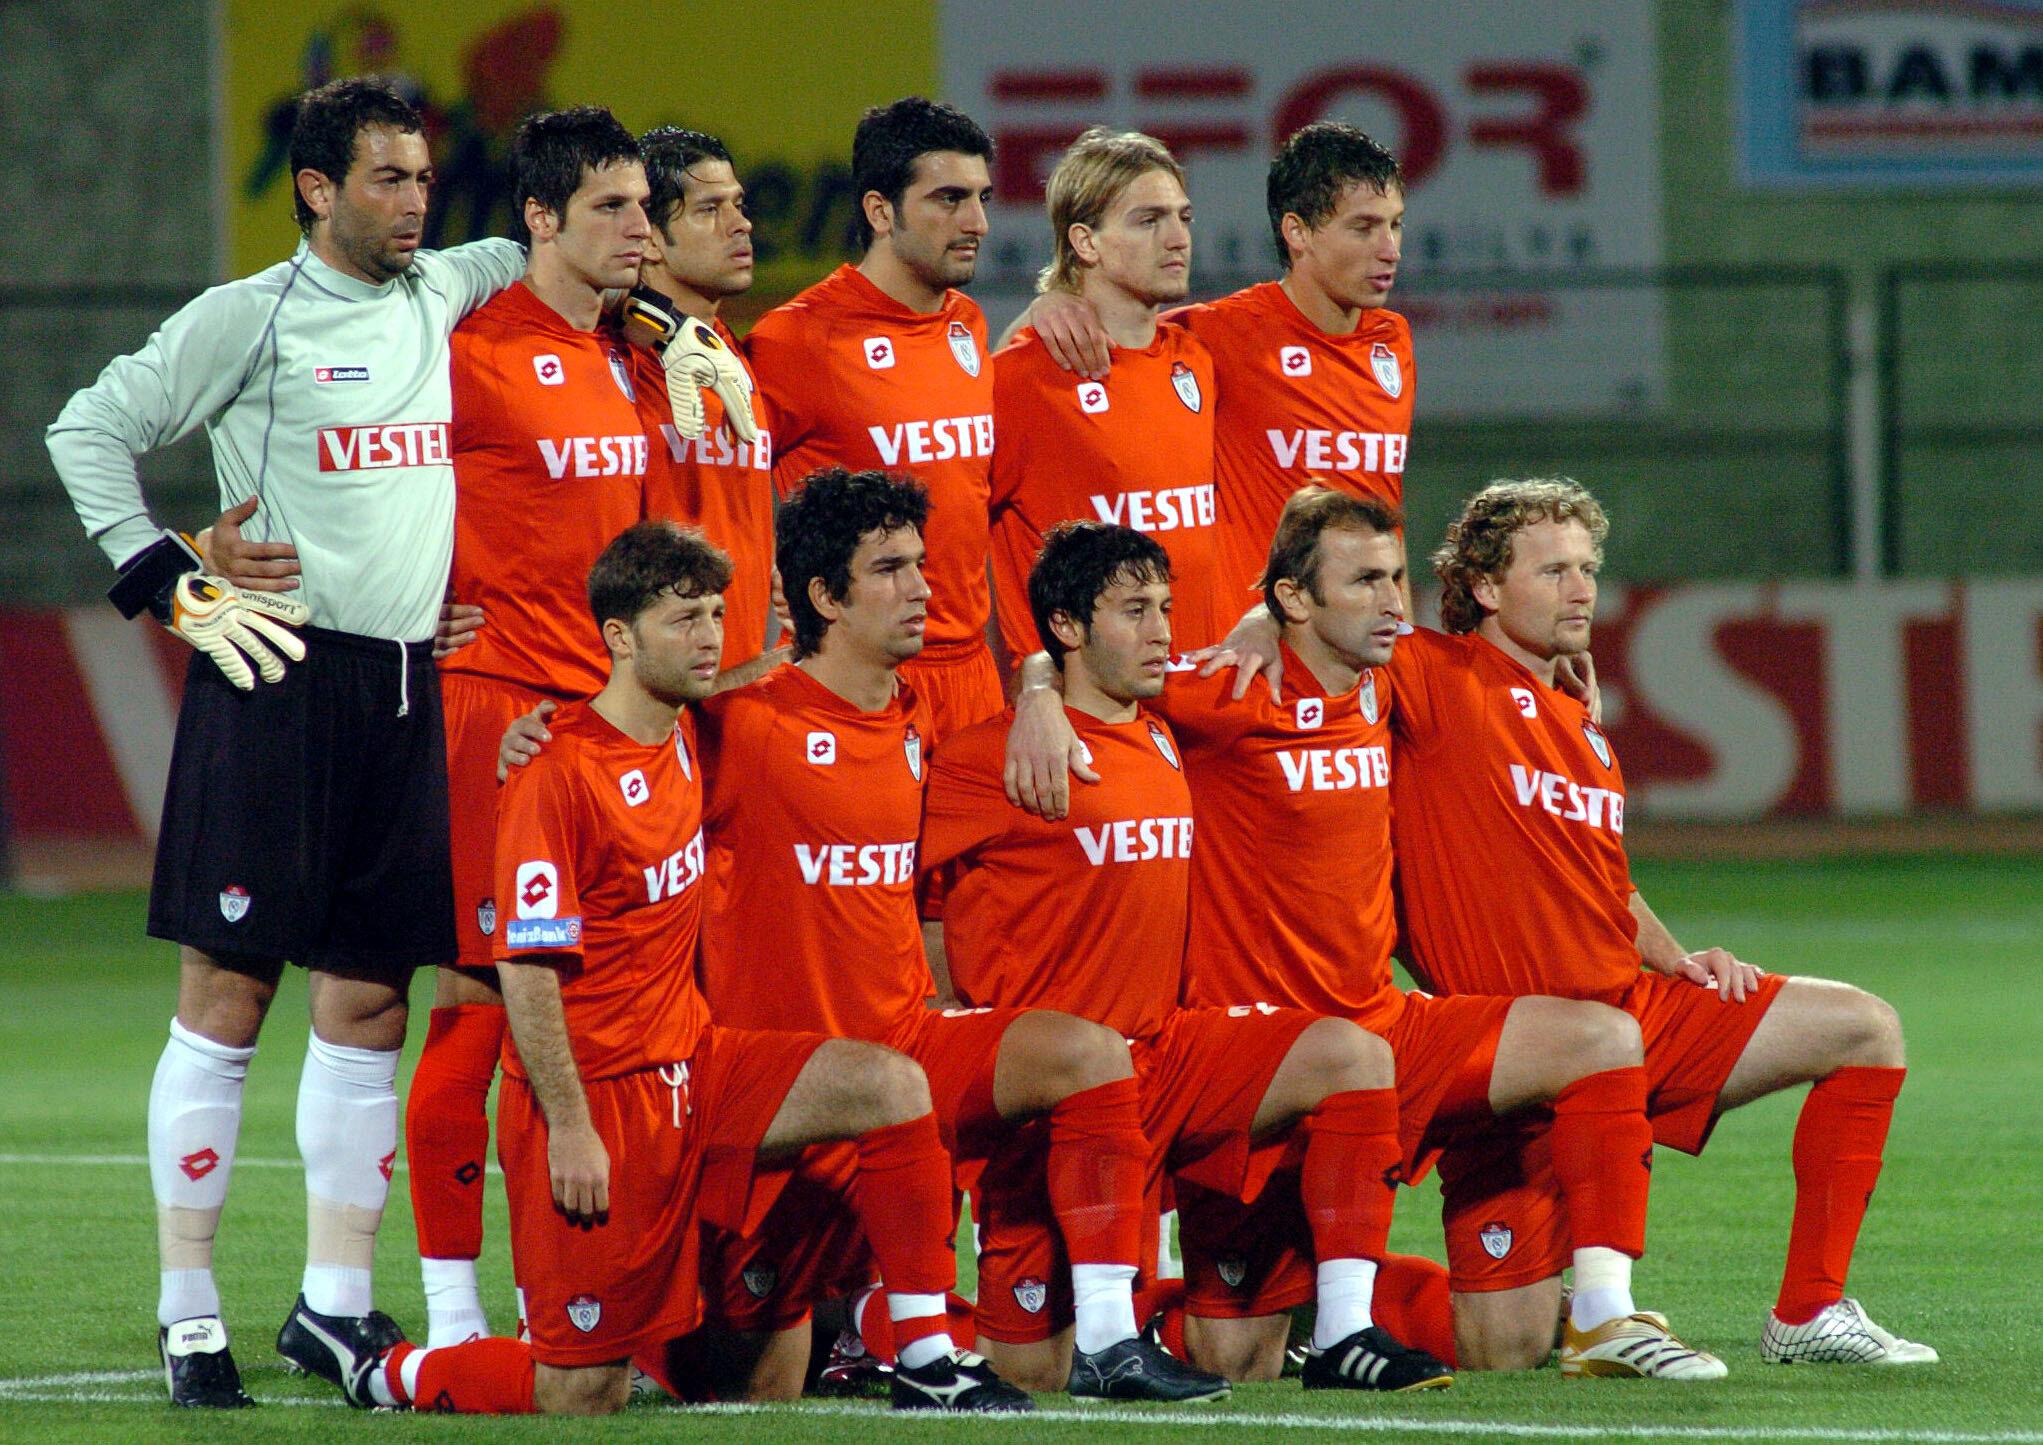 Manisaspor birçok yıldızın bulunduğu kadrosuyla yıllarca Ege'yi Süper Lig'de temsil etmişti.